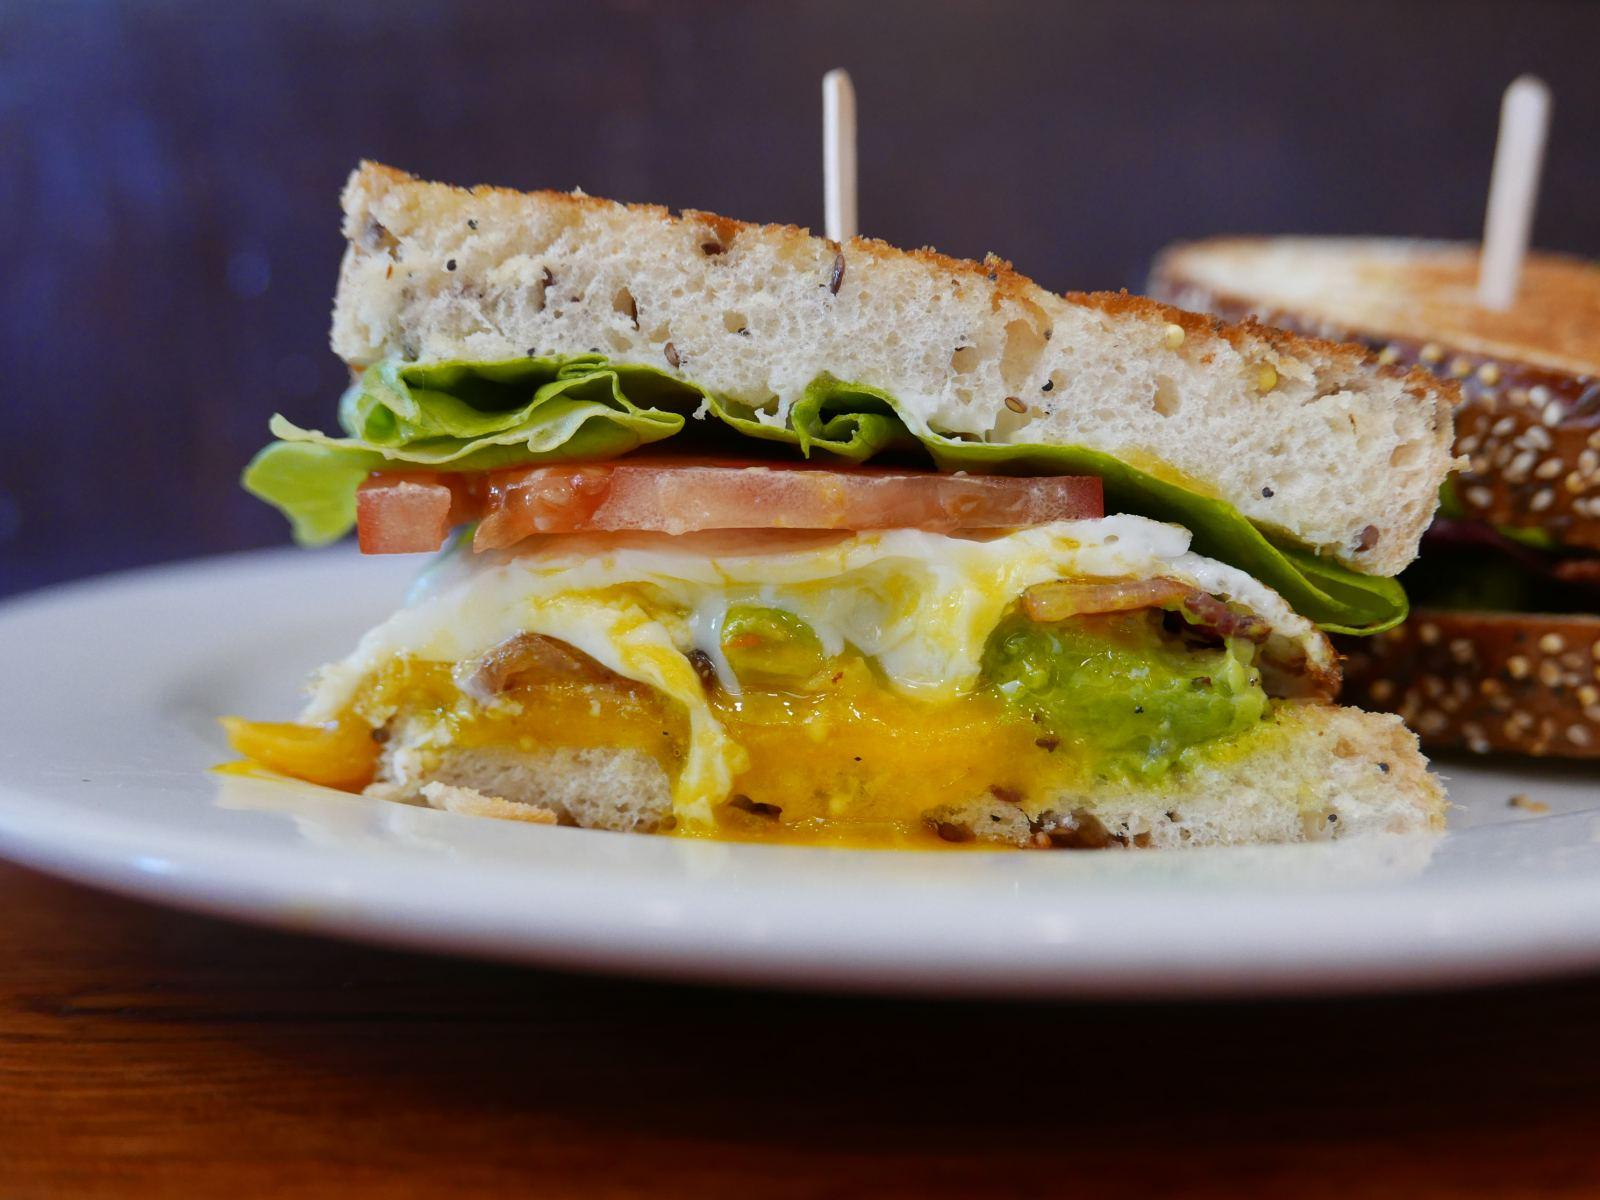 Breakfast sandwich melt at Café Vida